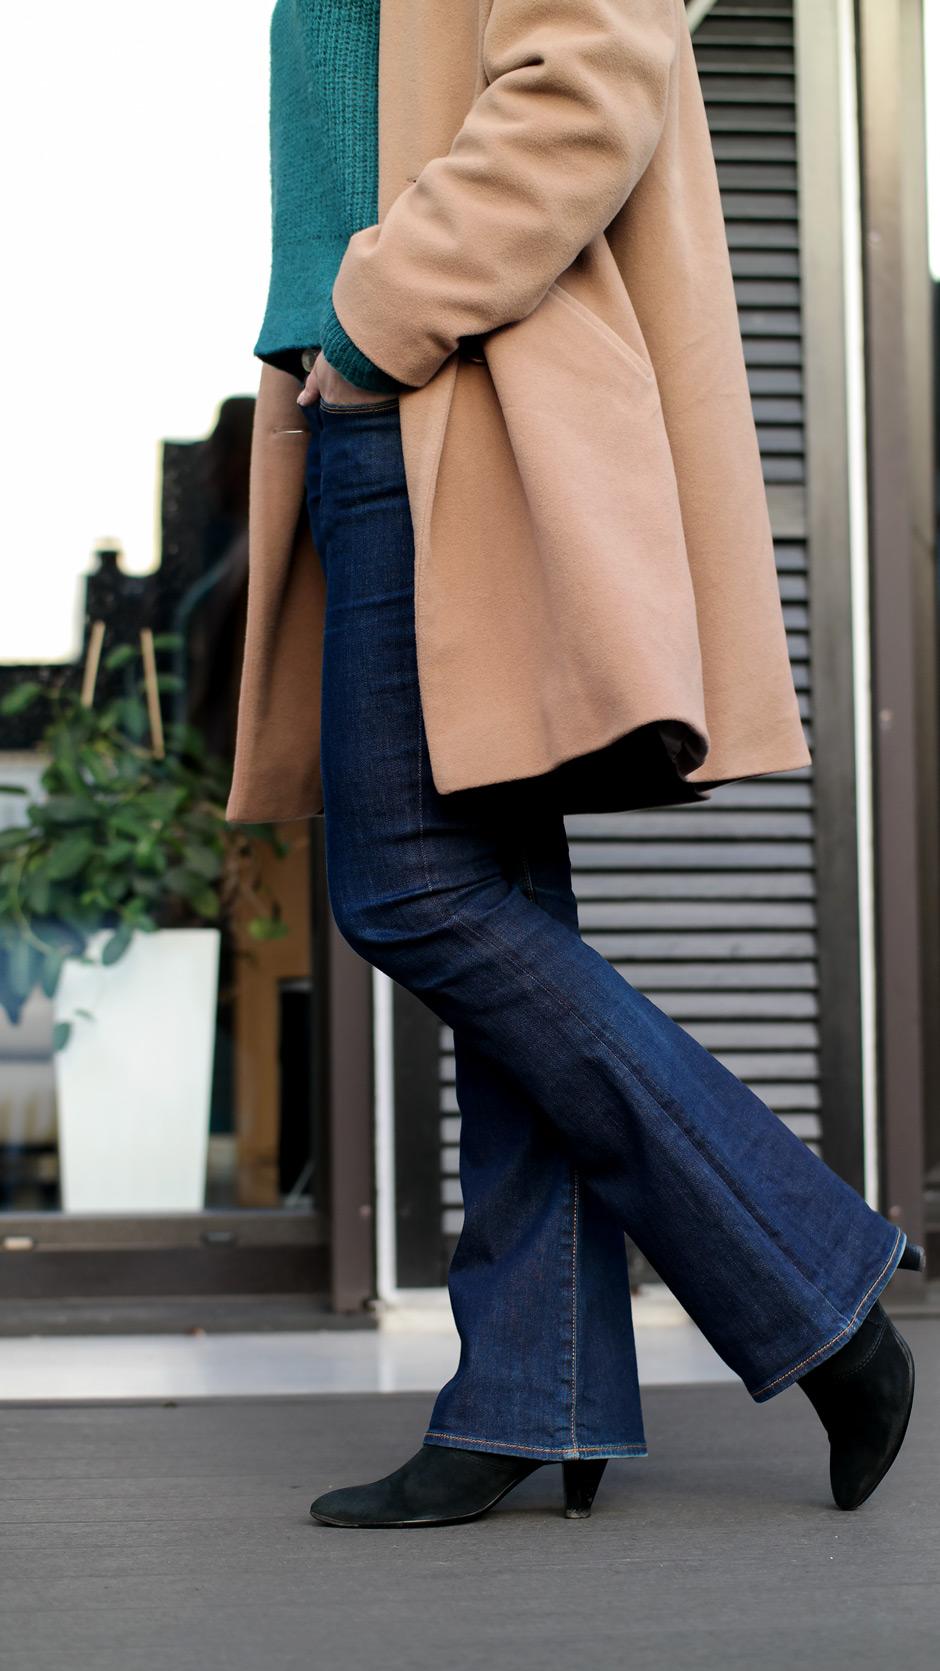 Wenn es darum geht, eine schlanke Silhouette zu zaubern, schlüpfe ich zumeist in ein dunkelblaues Jeansmodell von Guess, denn Jeans zu finden, die schlanker aussehen lassen, ist gar nicht so einfach | Hot Port Life & Style | Deutscher Mode & Lifestyle Blog